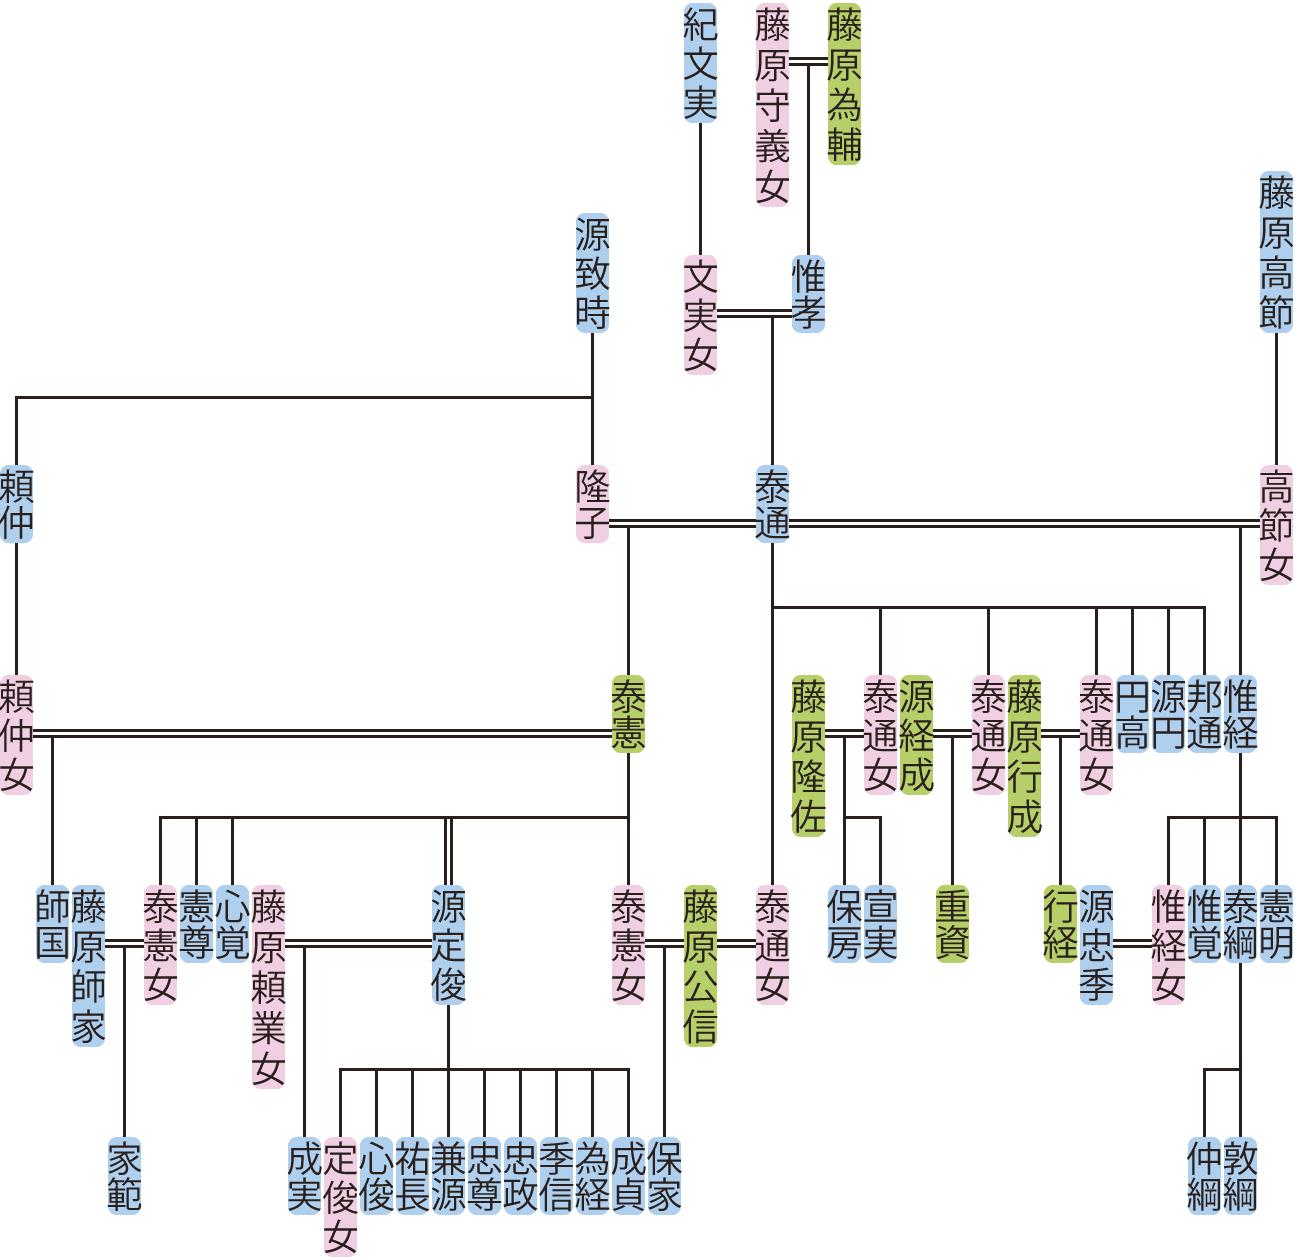 藤原泰通の系図